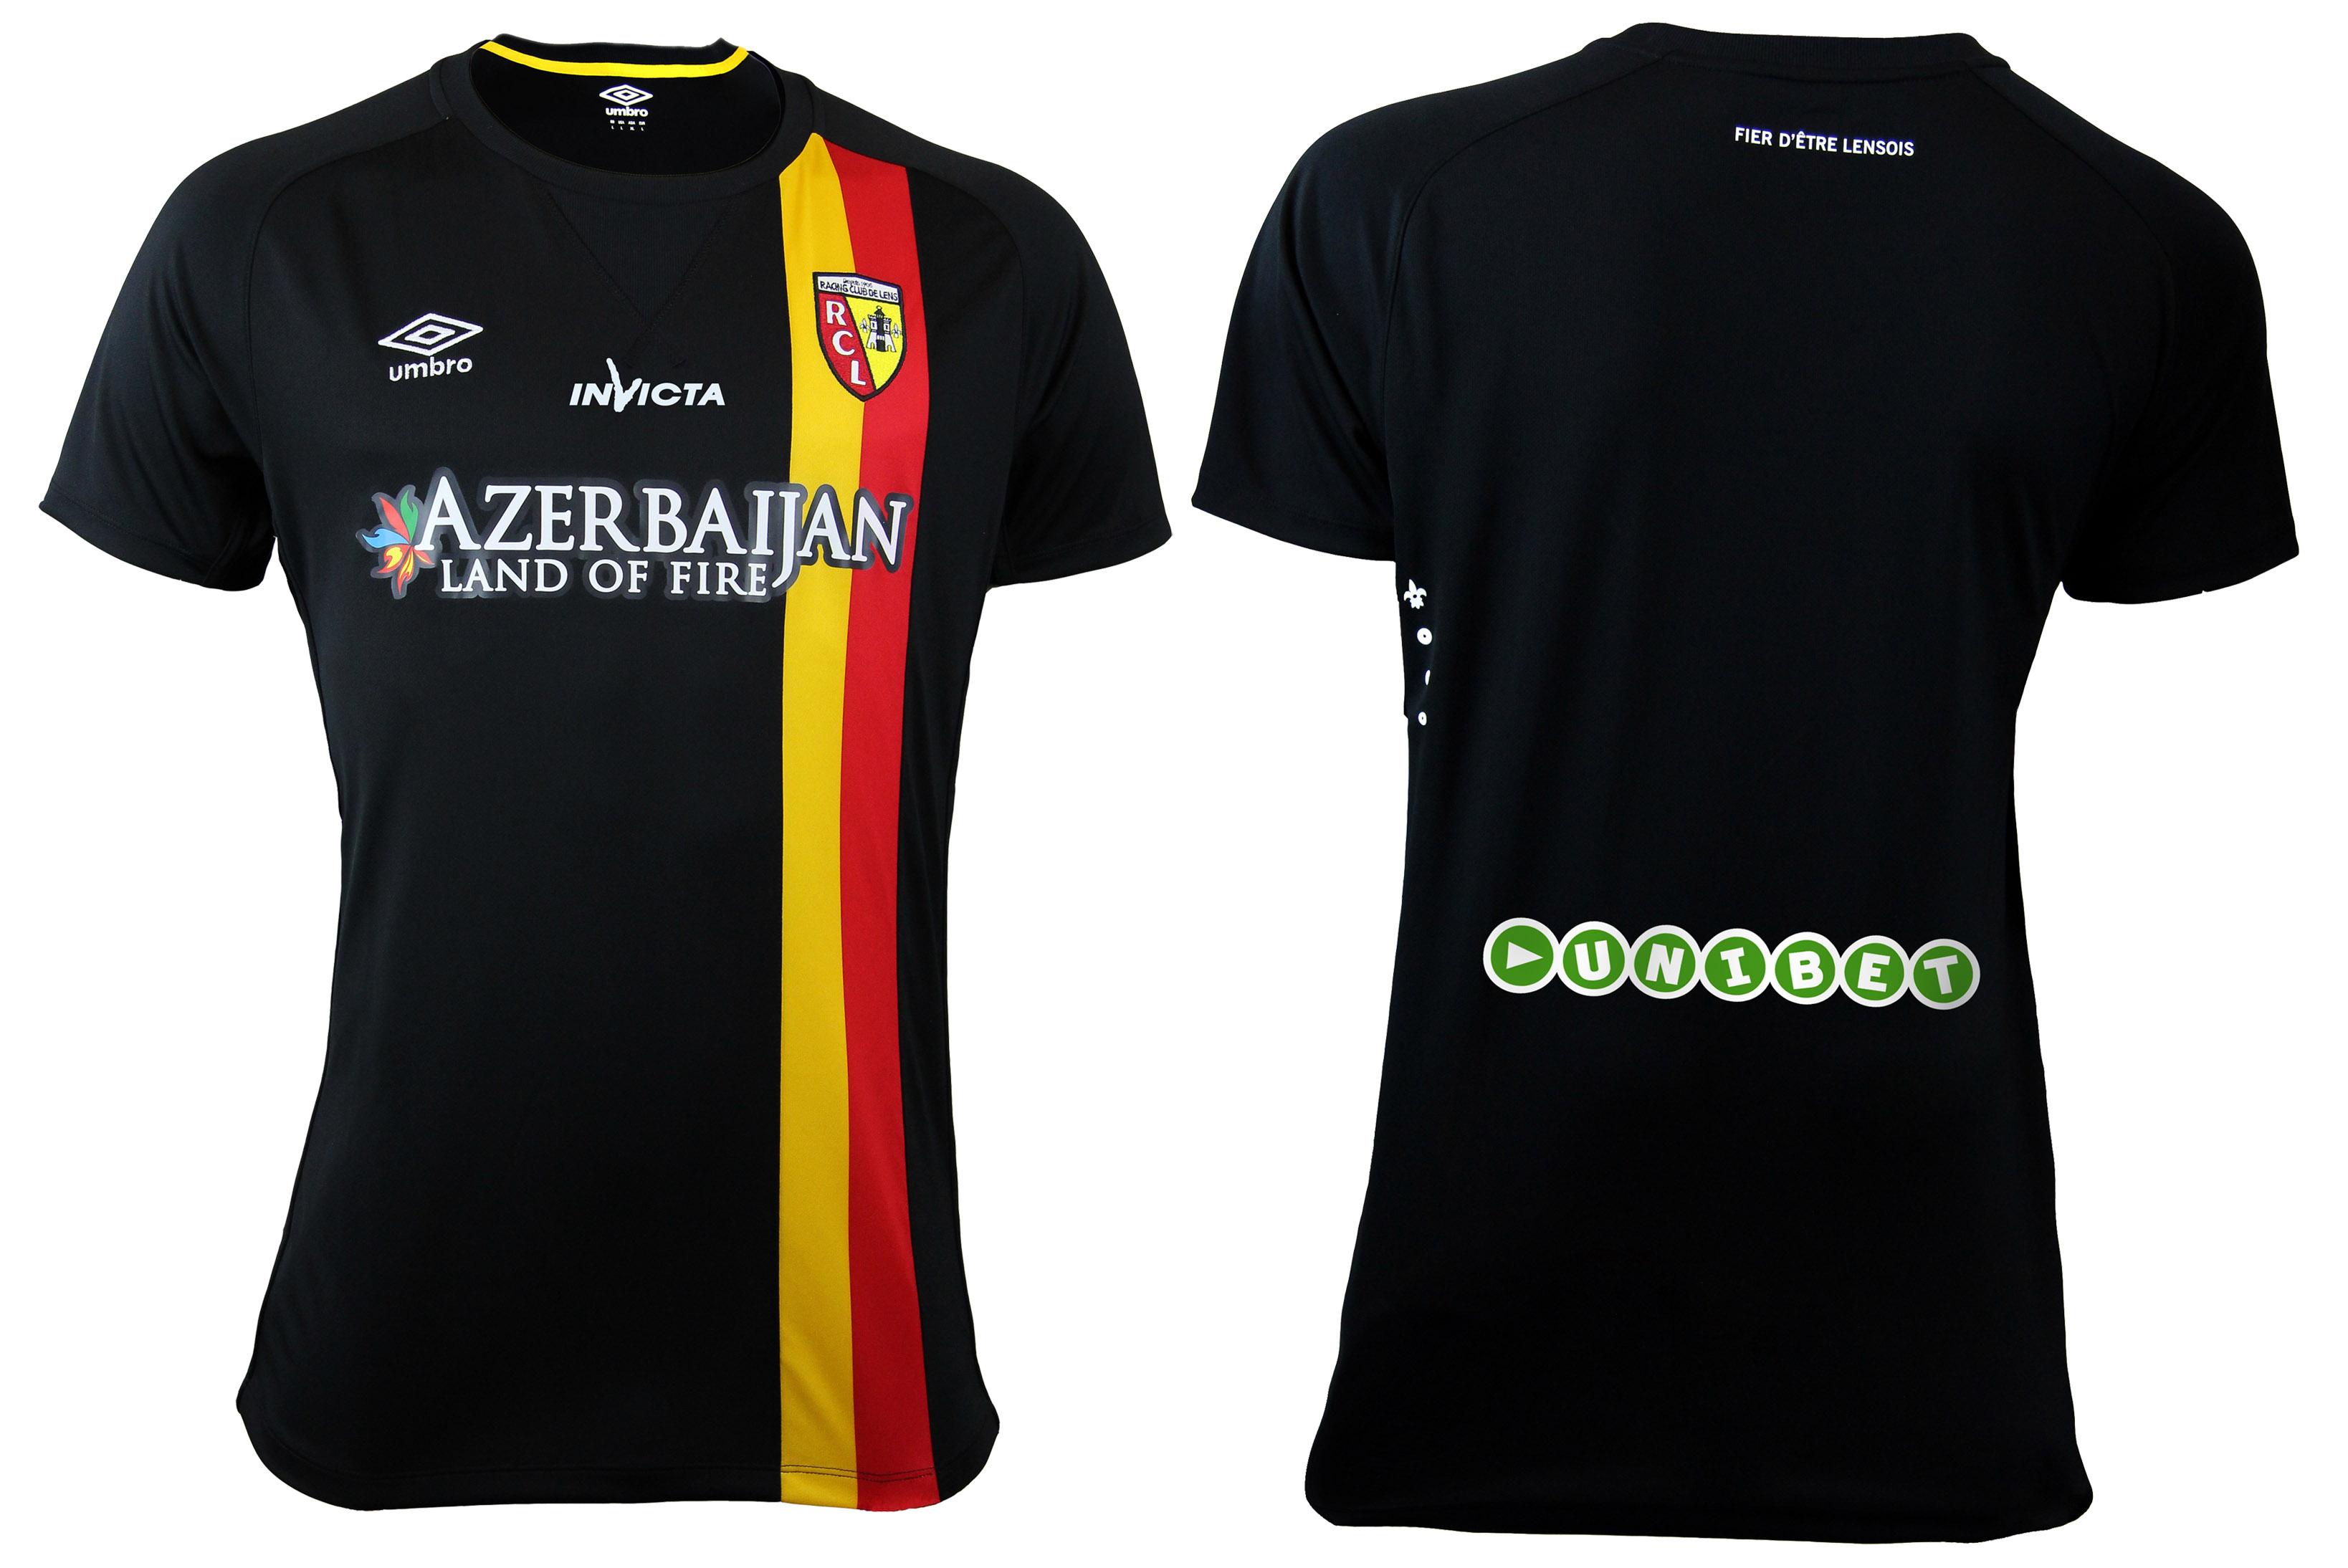 nouveau maillot extérieur RC Lens 2014 2015 umbro